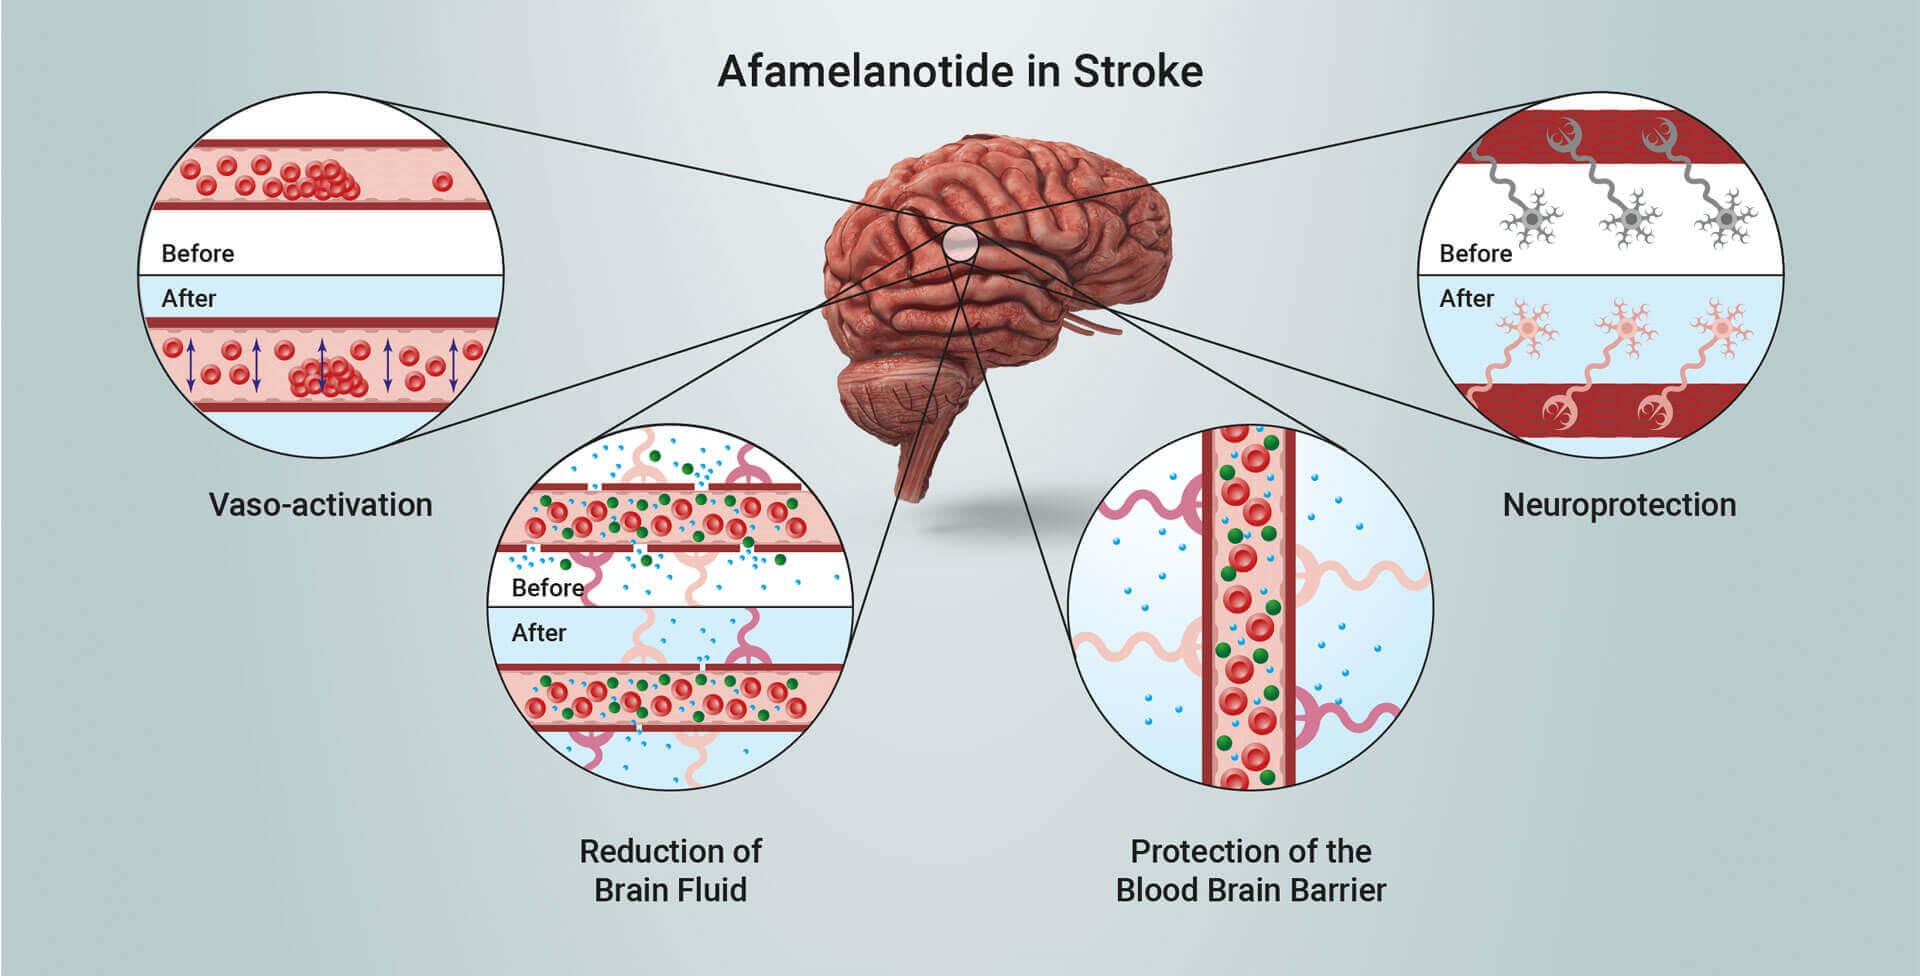 Afamelanotide in stroke